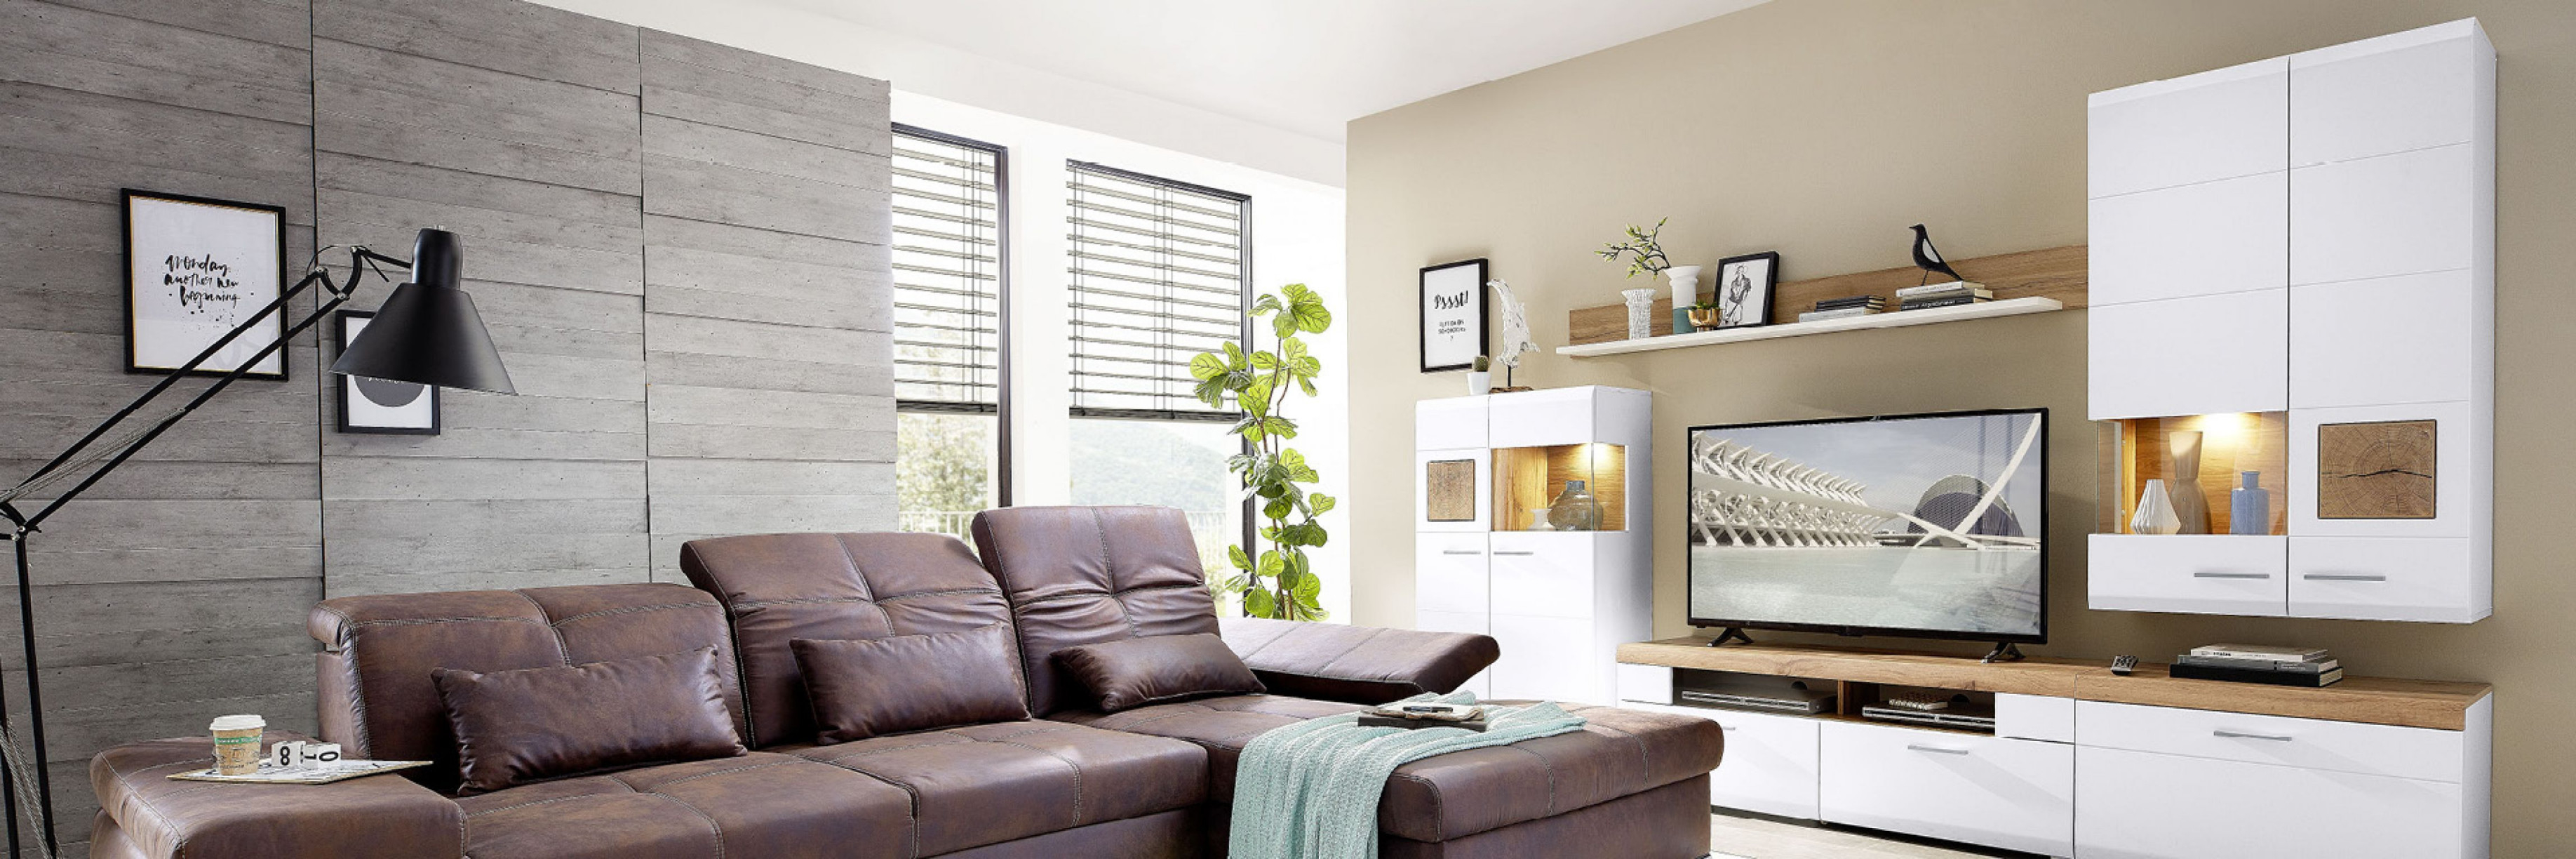 Ideen Fürs Wohnzimmer  Individuell Und Bequem  Möbel As von Möbel Ideen Wohnzimmer Photo